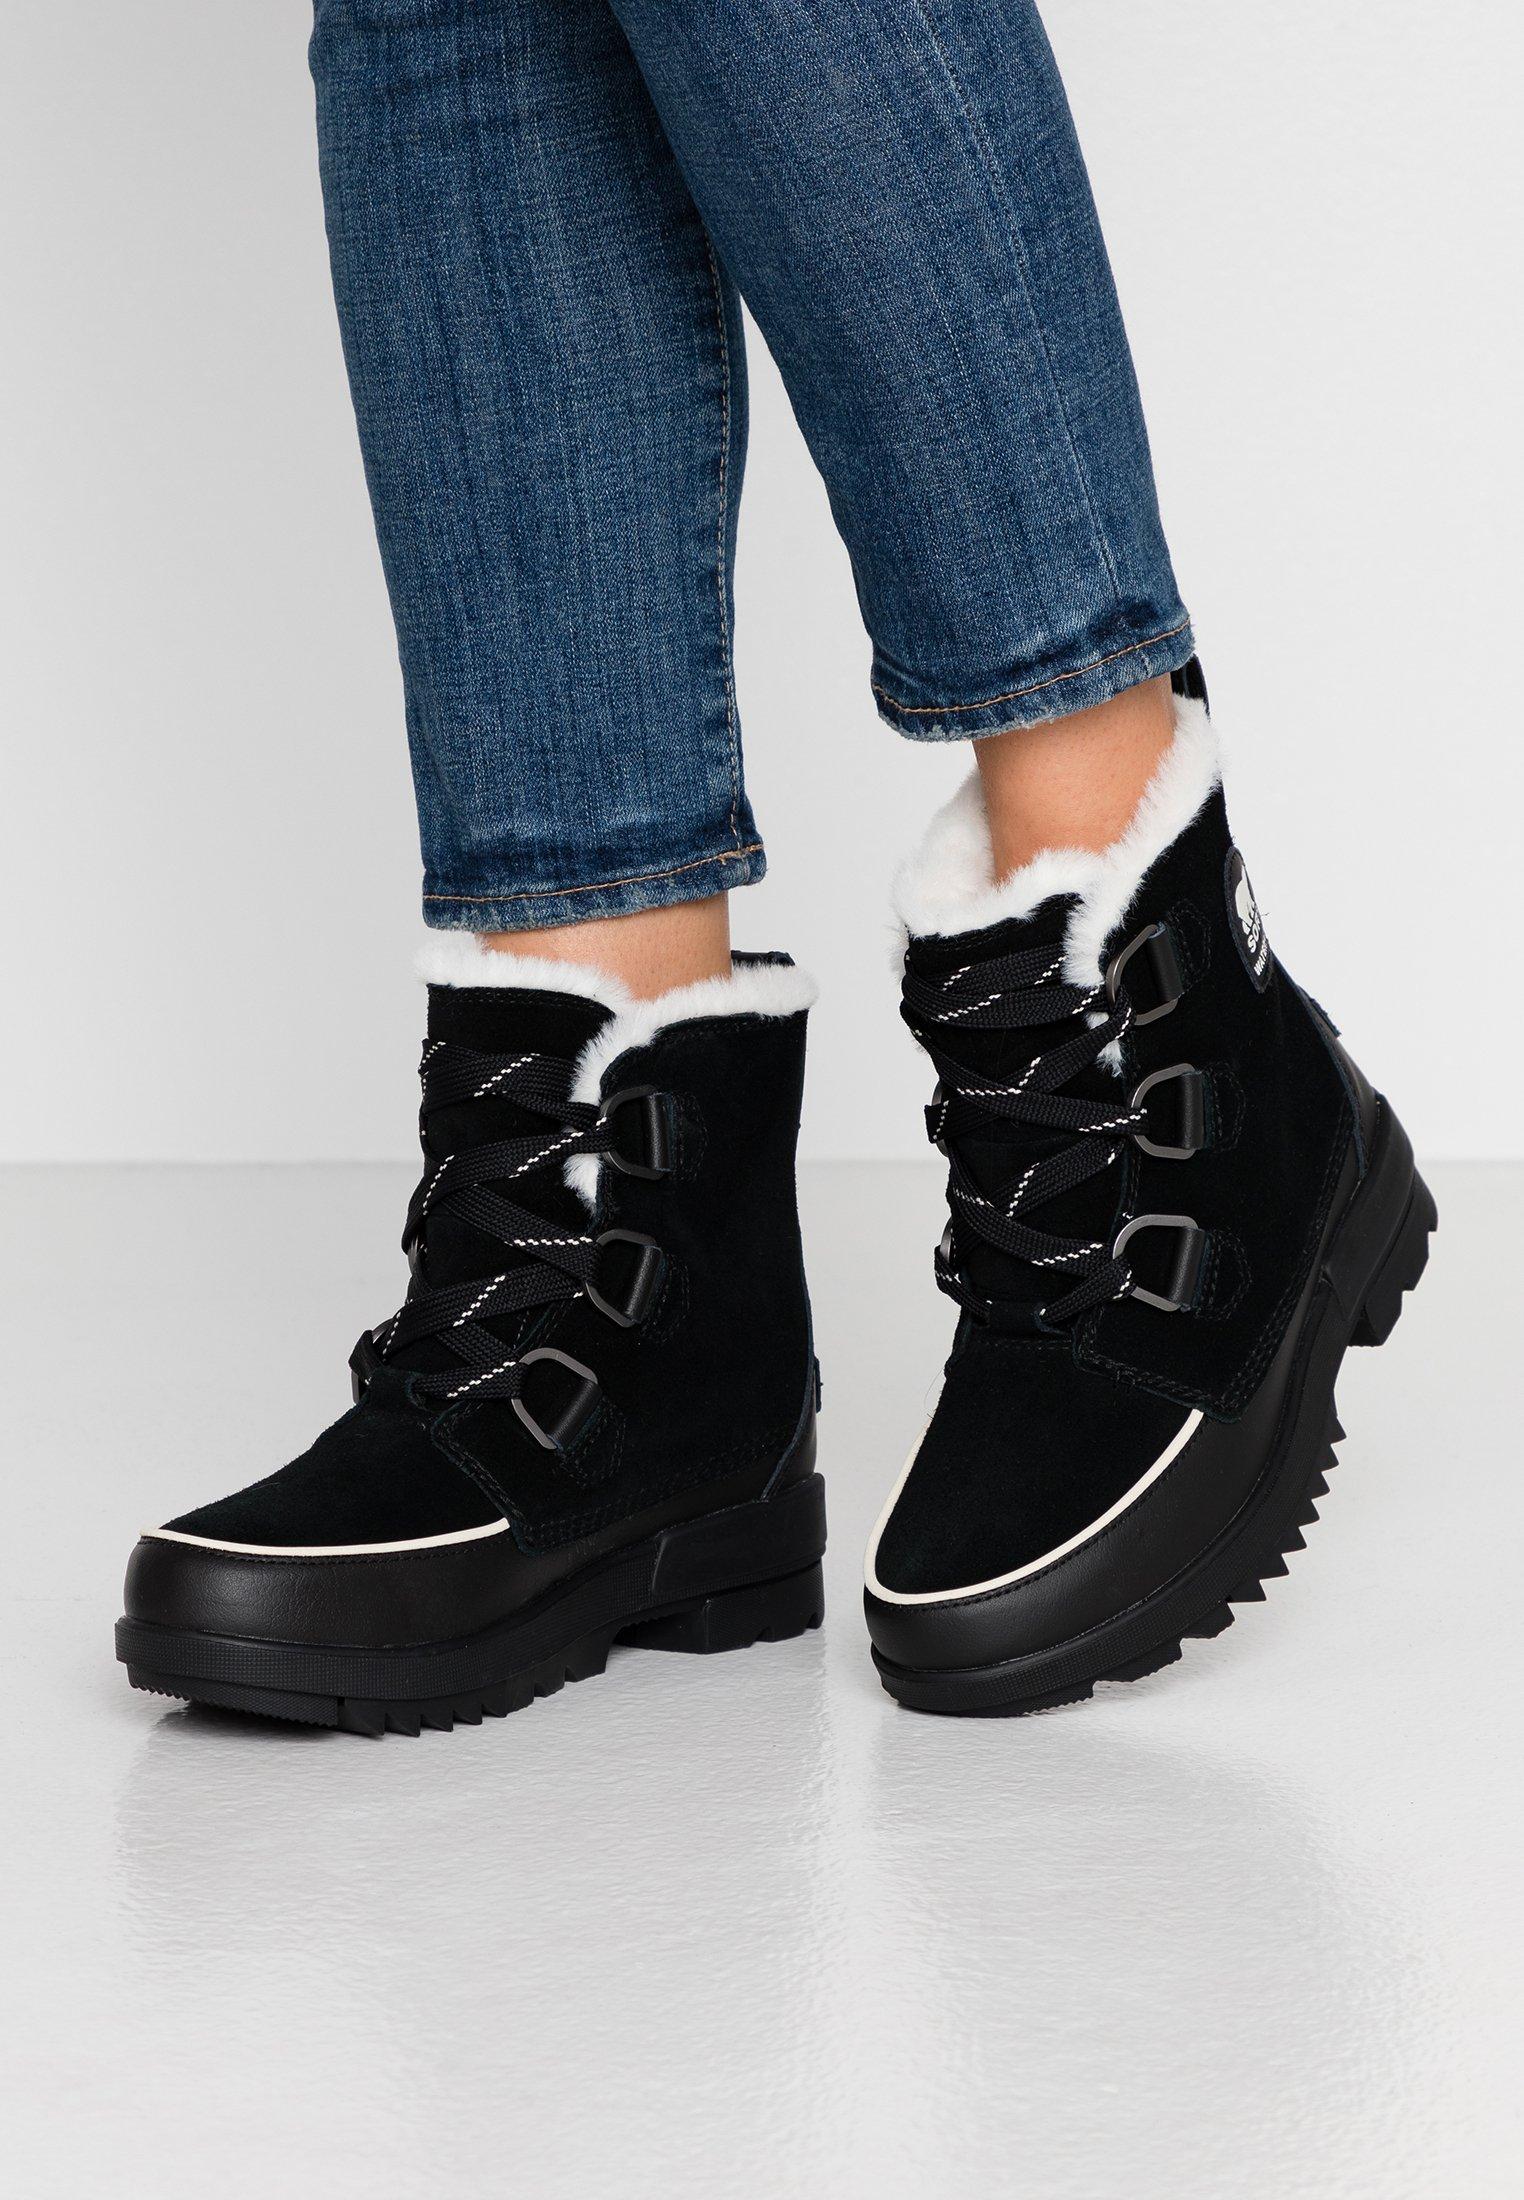 Sorel TORINO - Bottes de neige - black - Bottes femme Dégagement